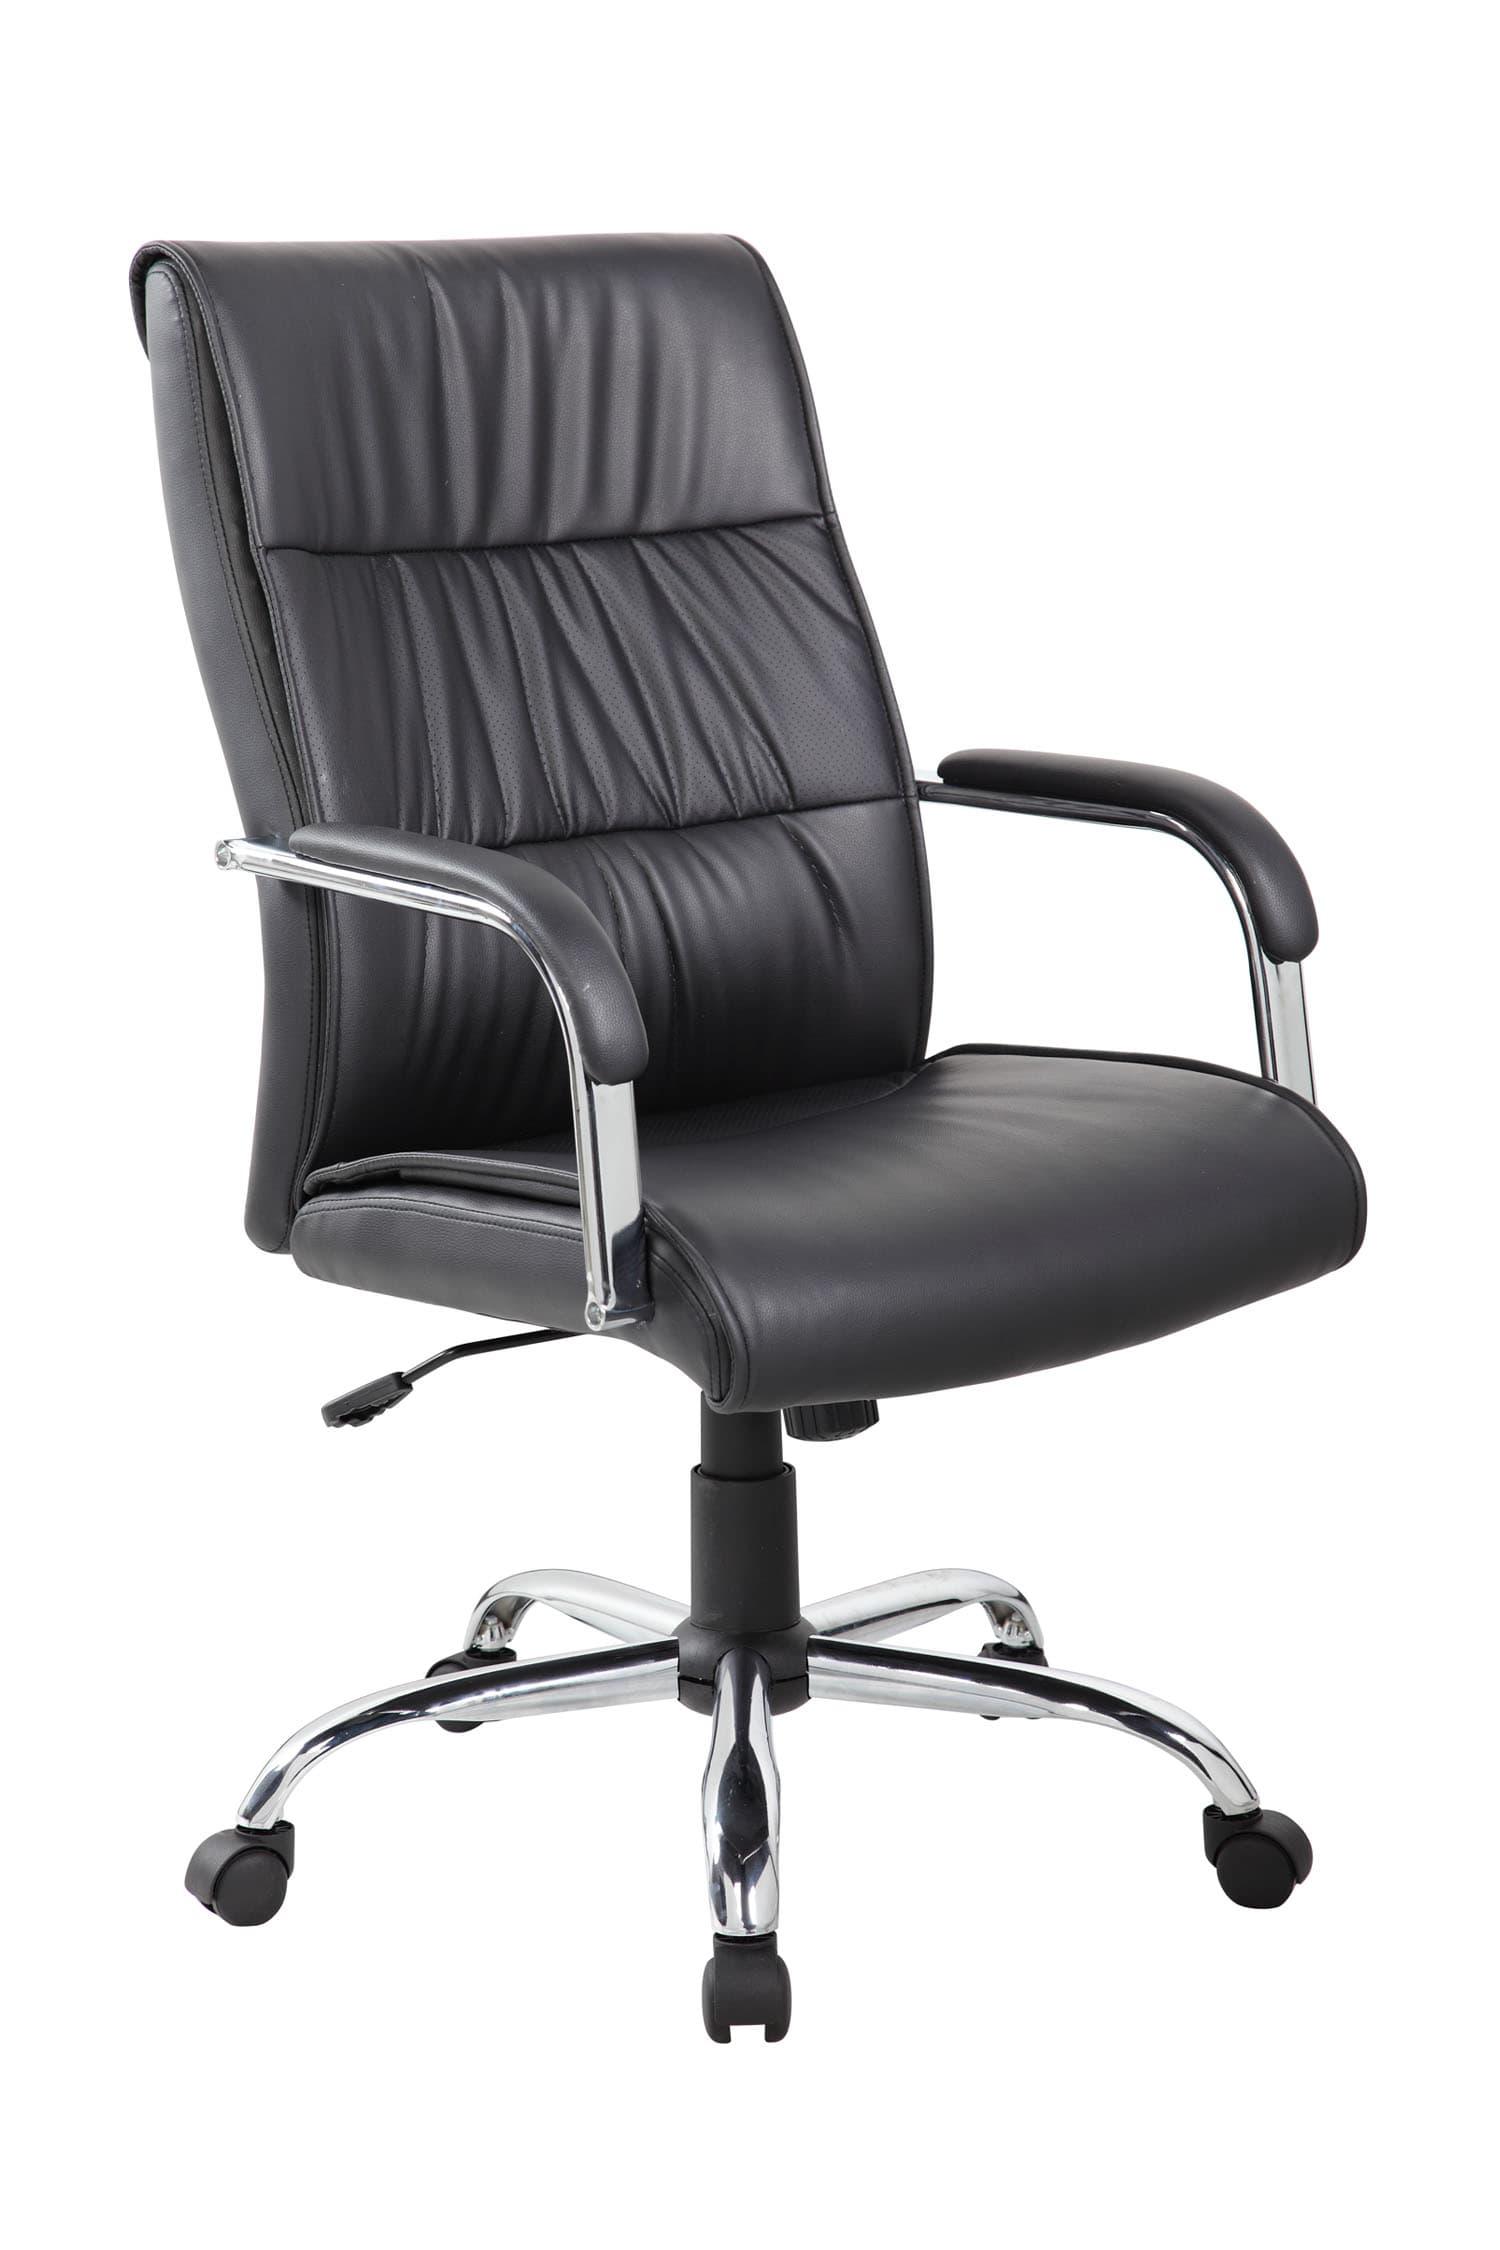 Кресло для руководителя Riva Chair 9249-1 Черный цвет, эко кожа